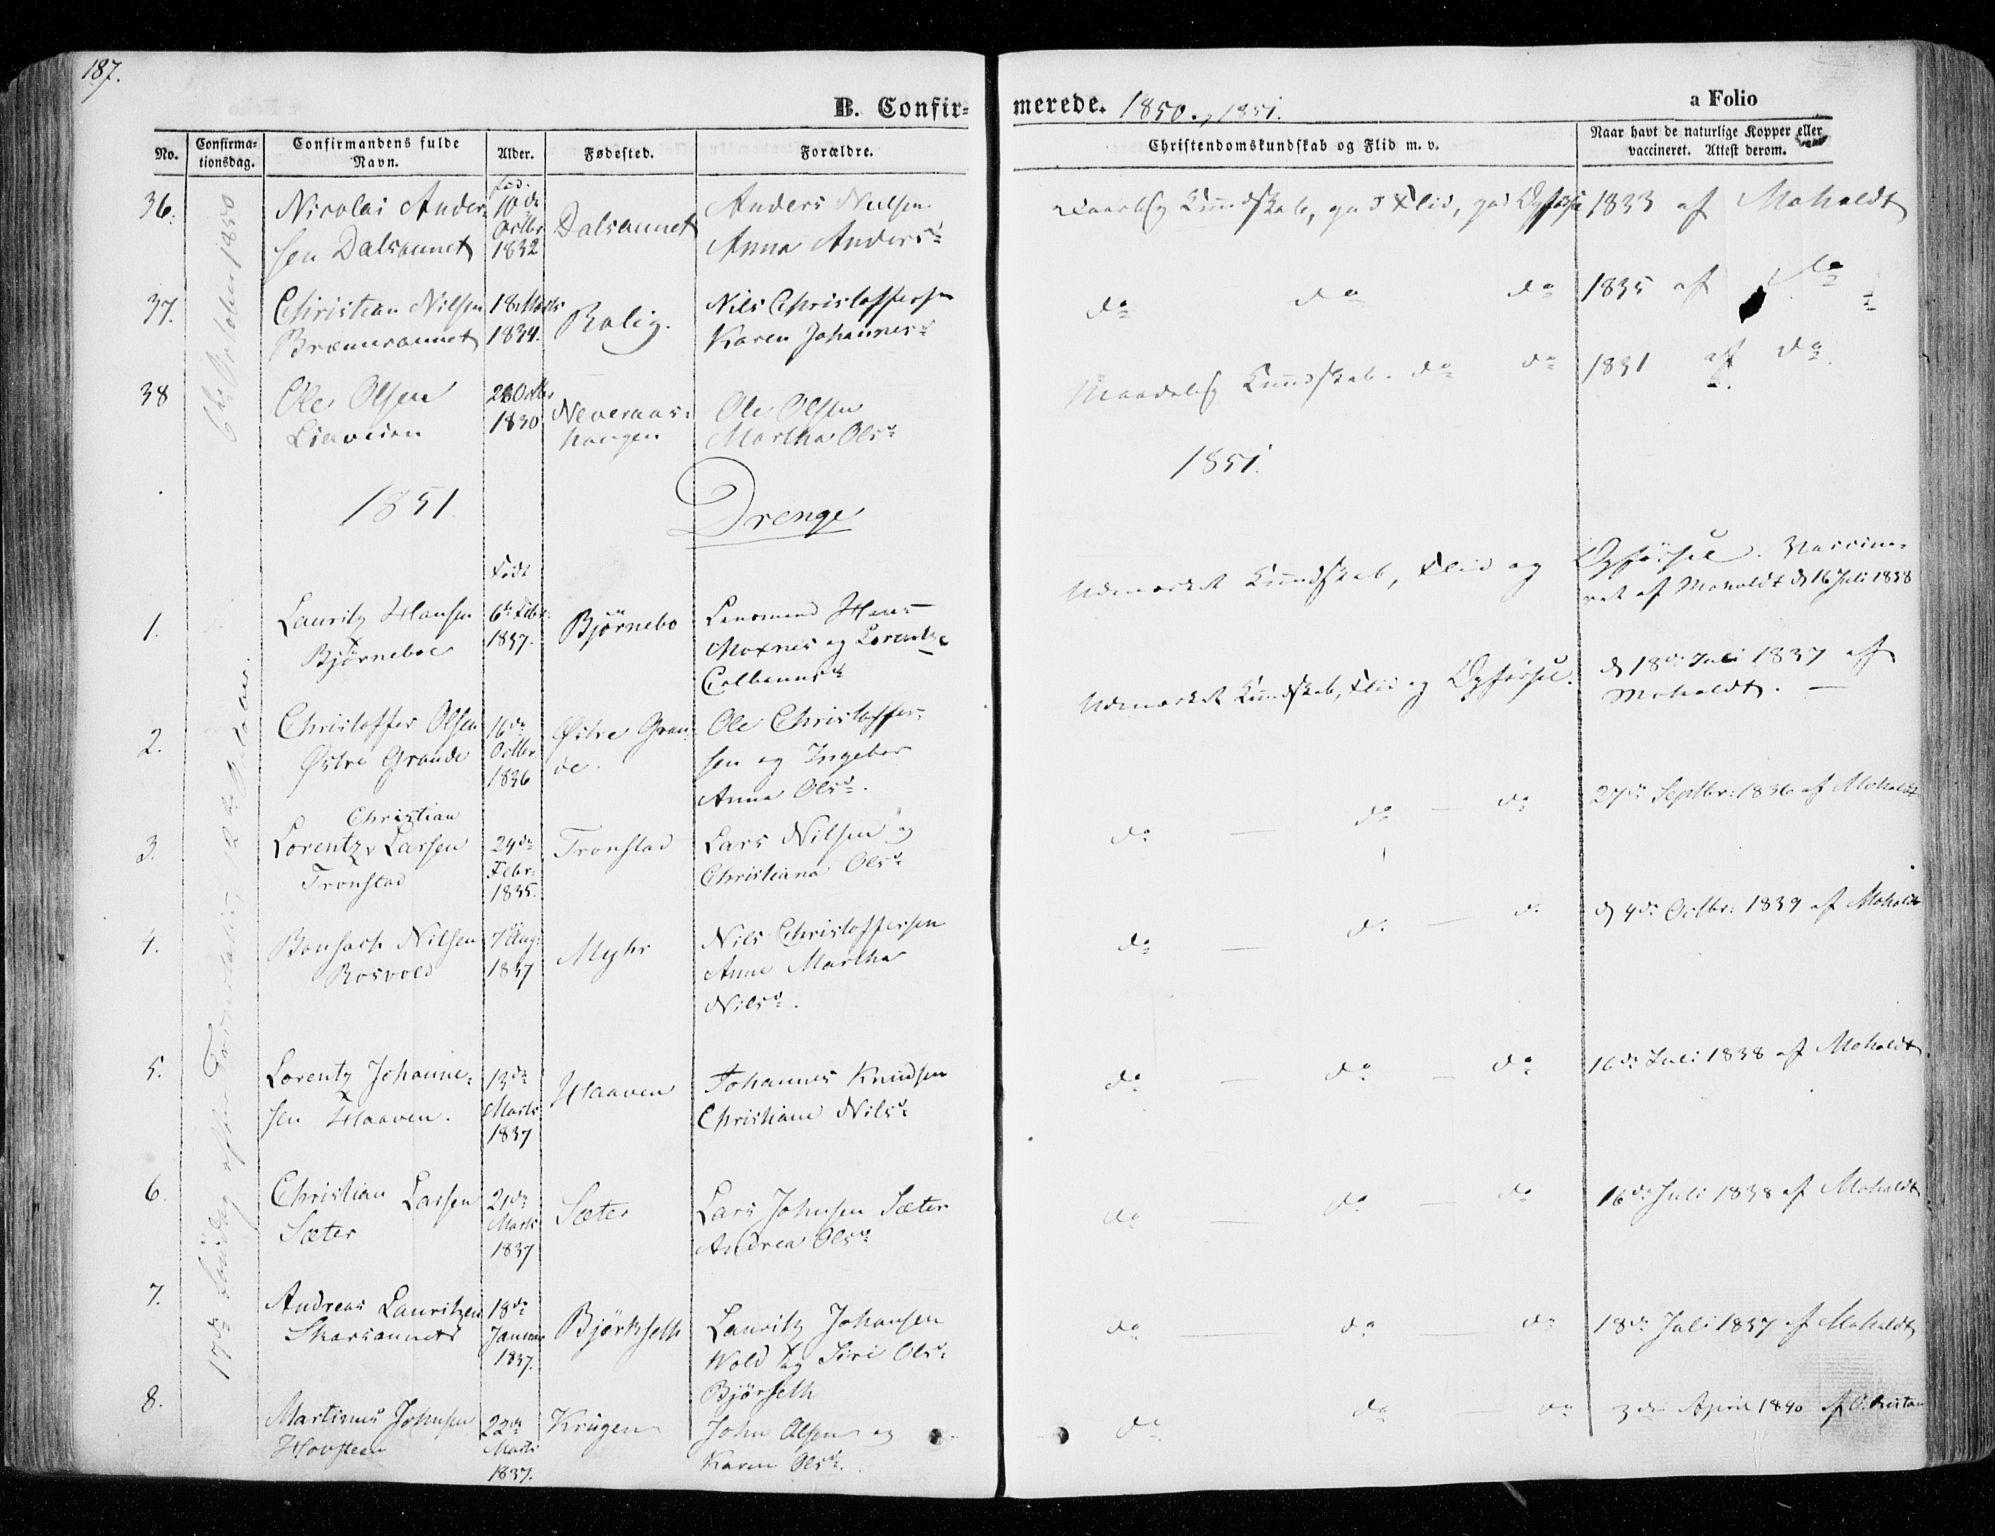 SAT, Ministerialprotokoller, klokkerbøker og fødselsregistre - Nord-Trøndelag, 701/L0007: Ministerialbok nr. 701A07 /1, 1842-1854, s. 187